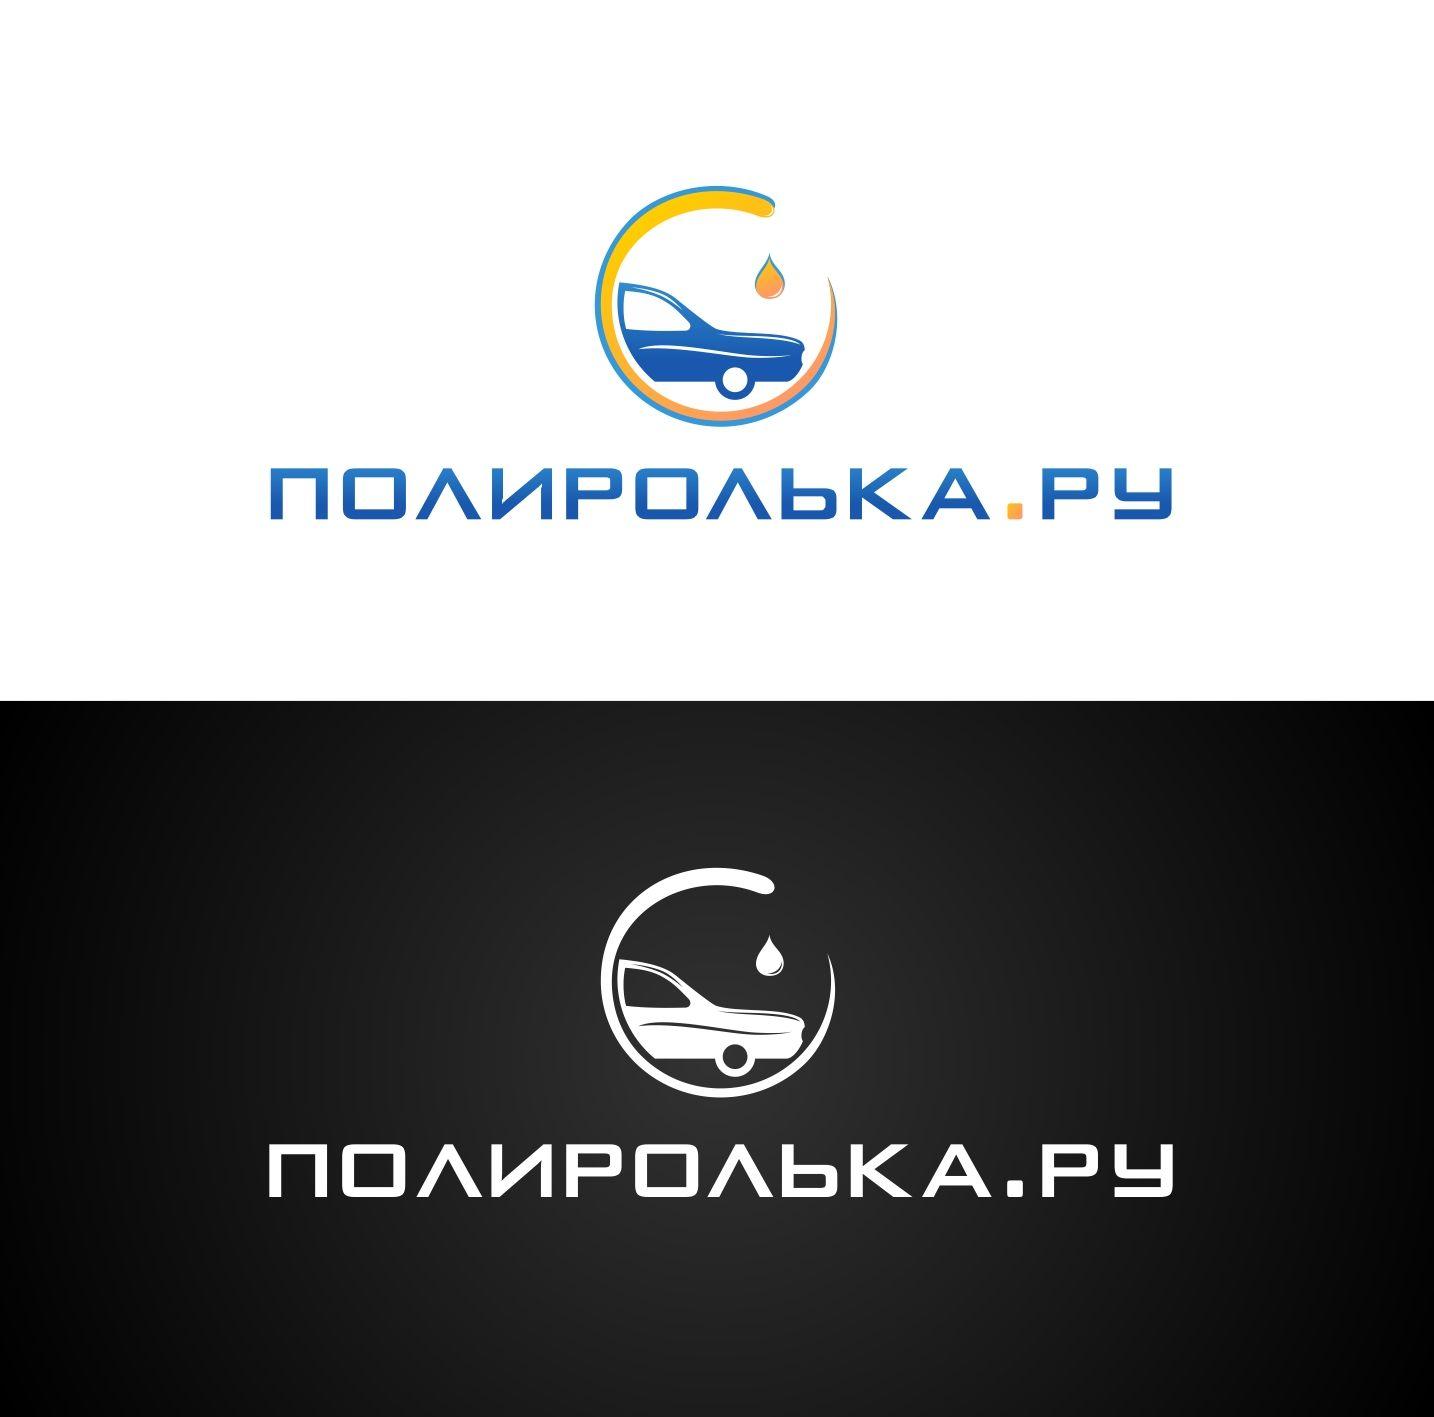 Логотип для интернет-магазина Полиролька.ру - дизайнер lulena